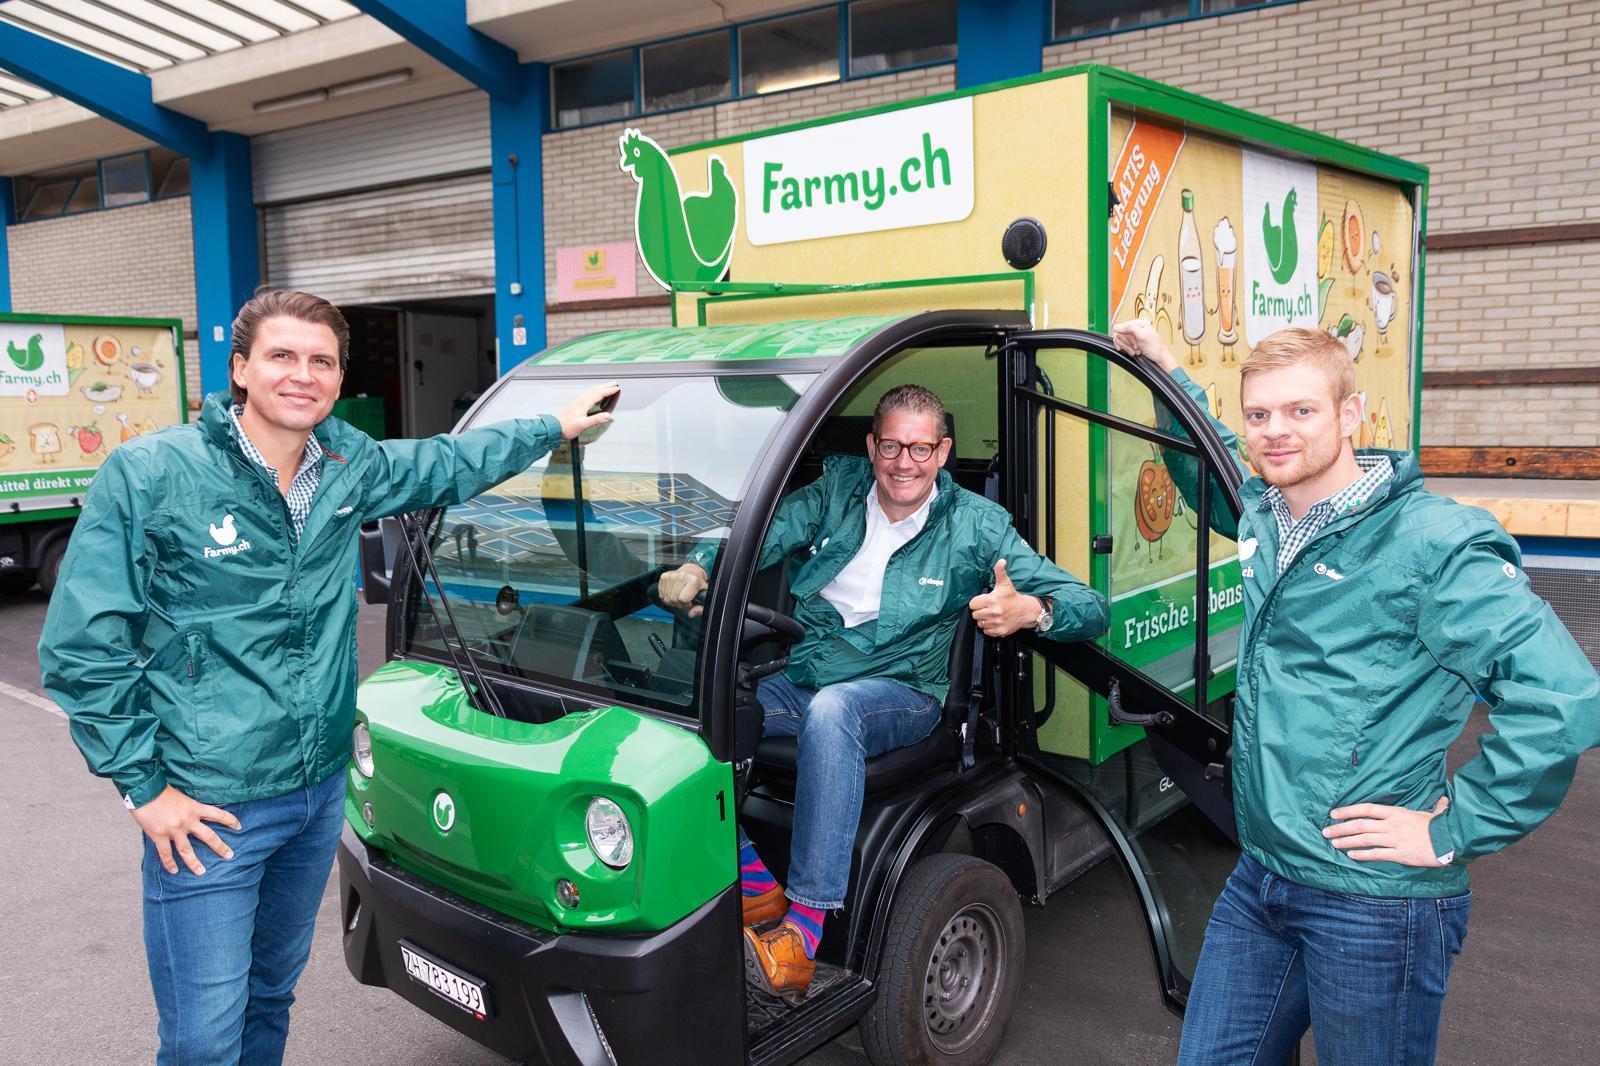 Farmy Elektrofahrzeug mit den beiden Gründern Roman Hartmann und Tobias Schubert mit Mentor und Investor Dominique Locher